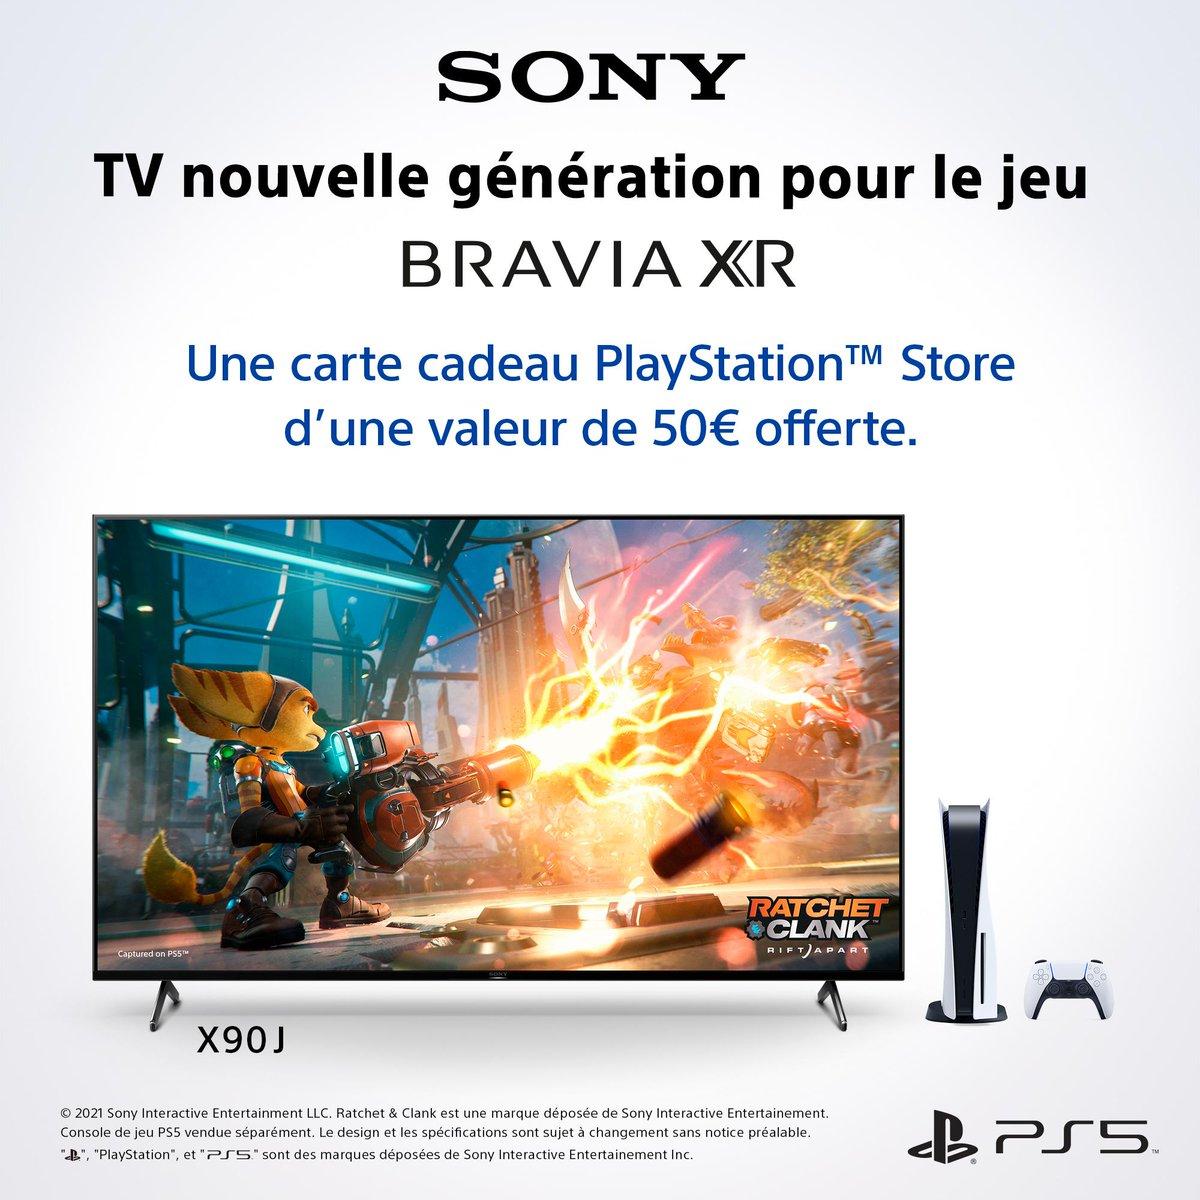 OFFRE SPECIALE 🌟 Une carte cadeau PlayStation™ Store d'une valeur de 50€ offerte pour l'achat d'un TV BRAVIA XR™ 👉 https://t.co/blJ5iEitgT https://t.co/jHWXUCmidr